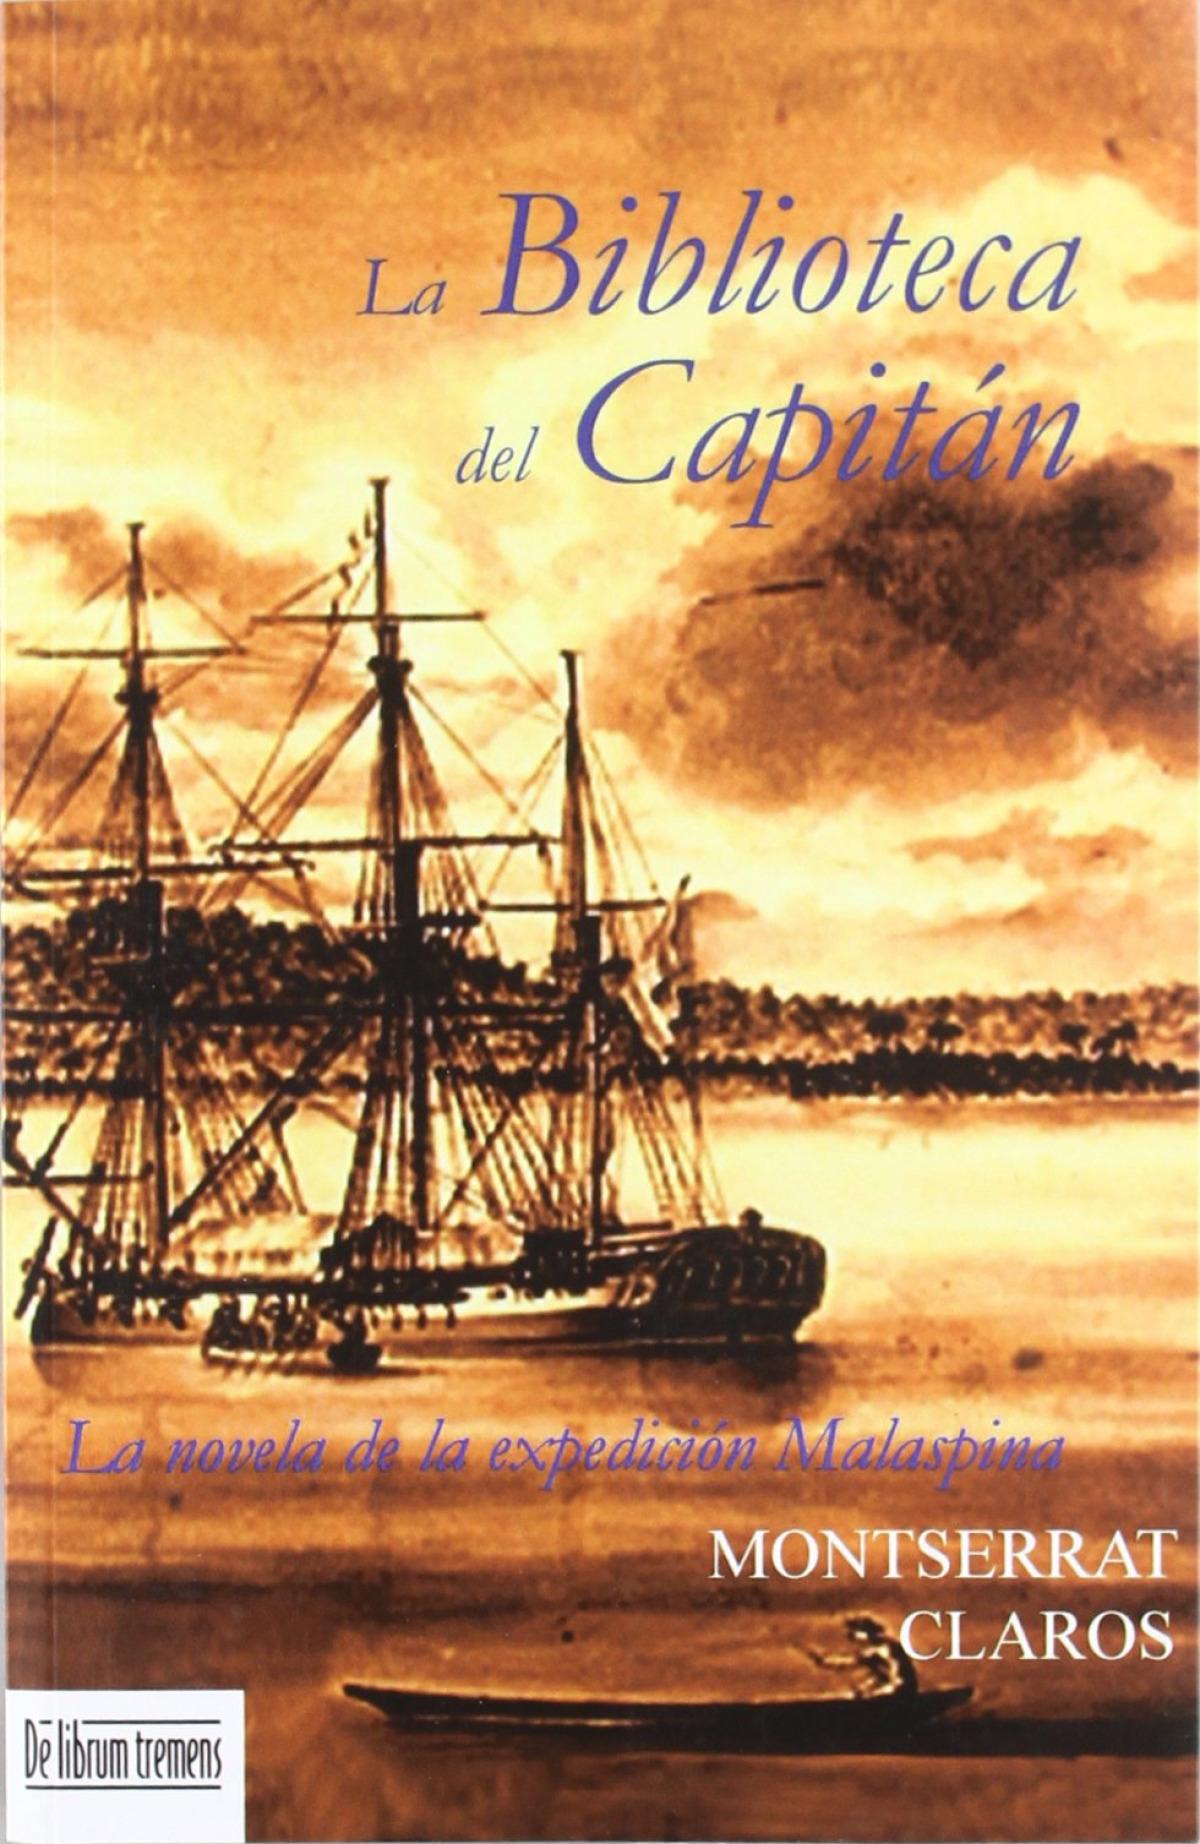 Biblioteca del Capitán